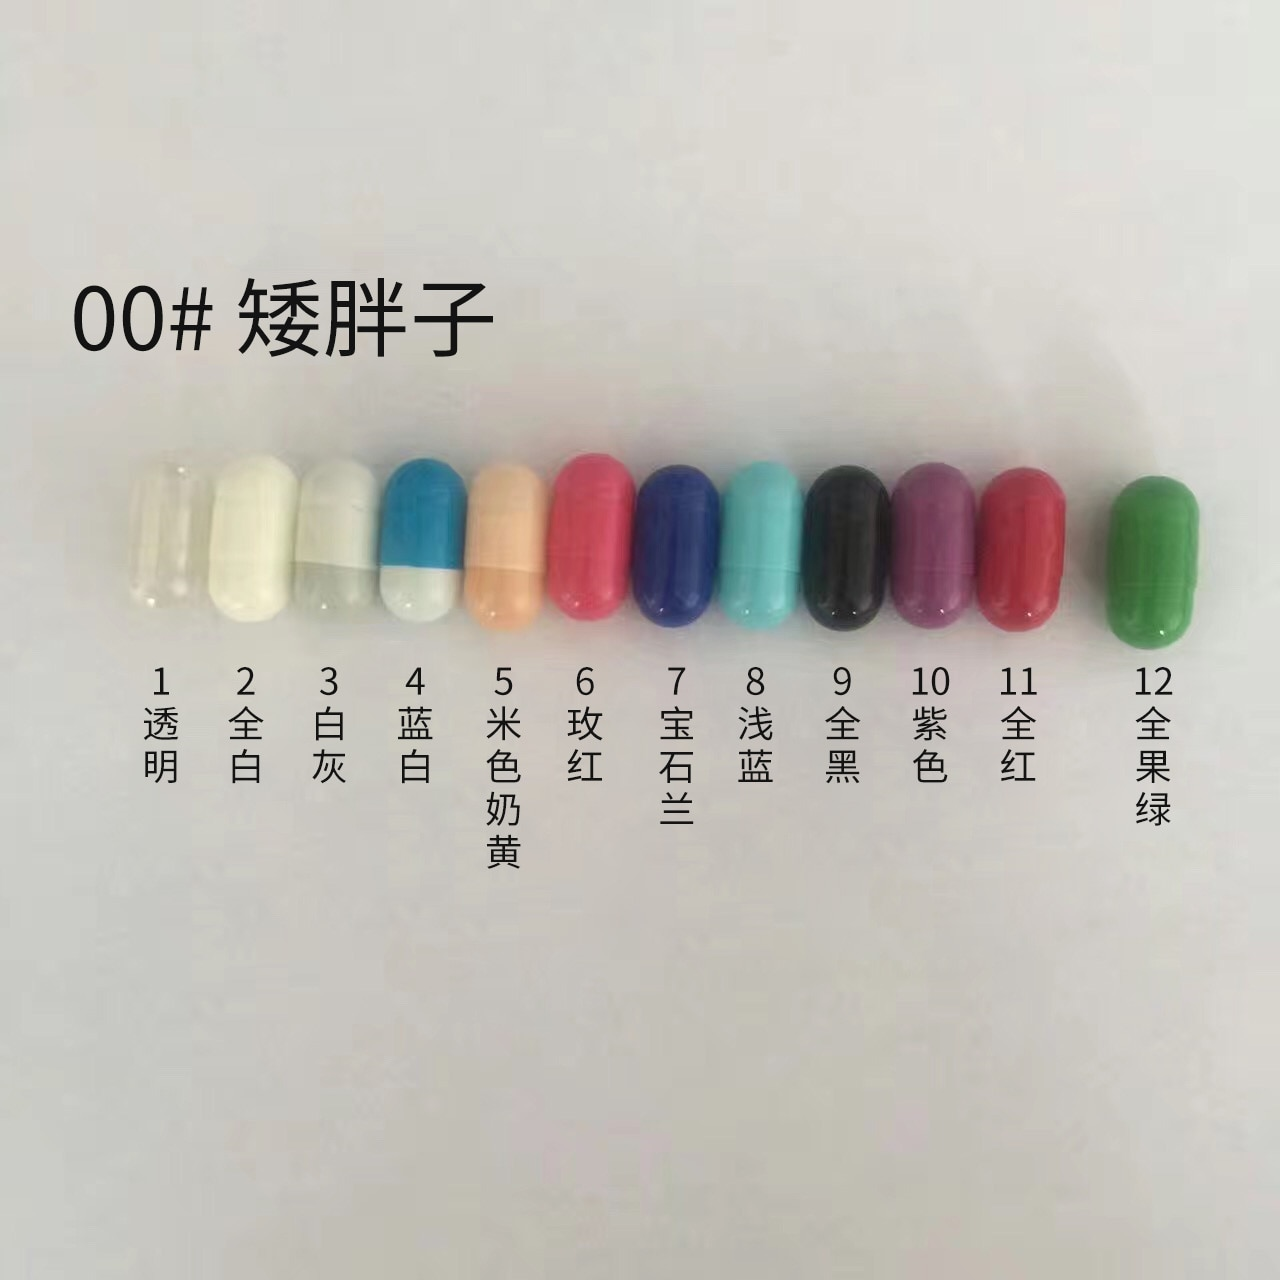 Cápsulas vacías de gelatina dura de color, cápsulas huecas de gelatina, cápsulas huecas de gelatina 00 # Stout graso 1000/5000 Uds. 00